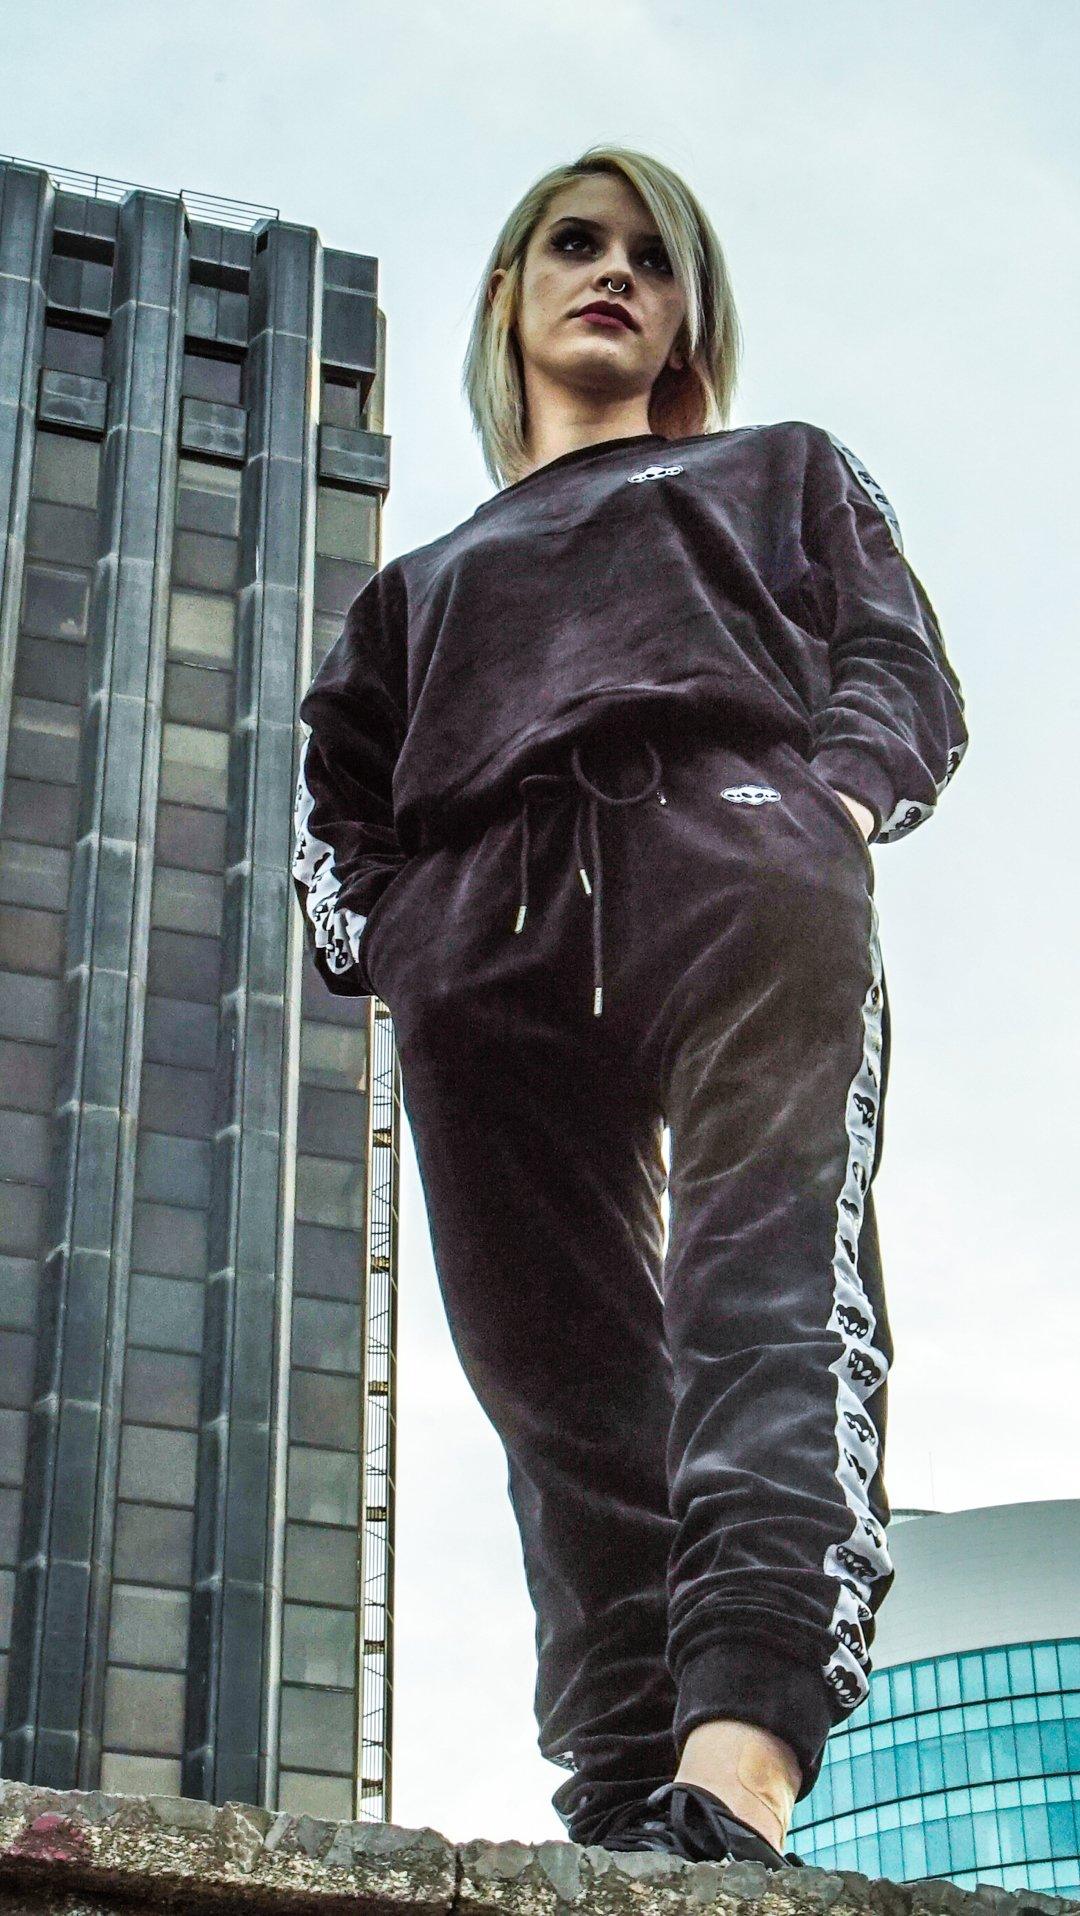 Image of Velvet Hoodie Woman